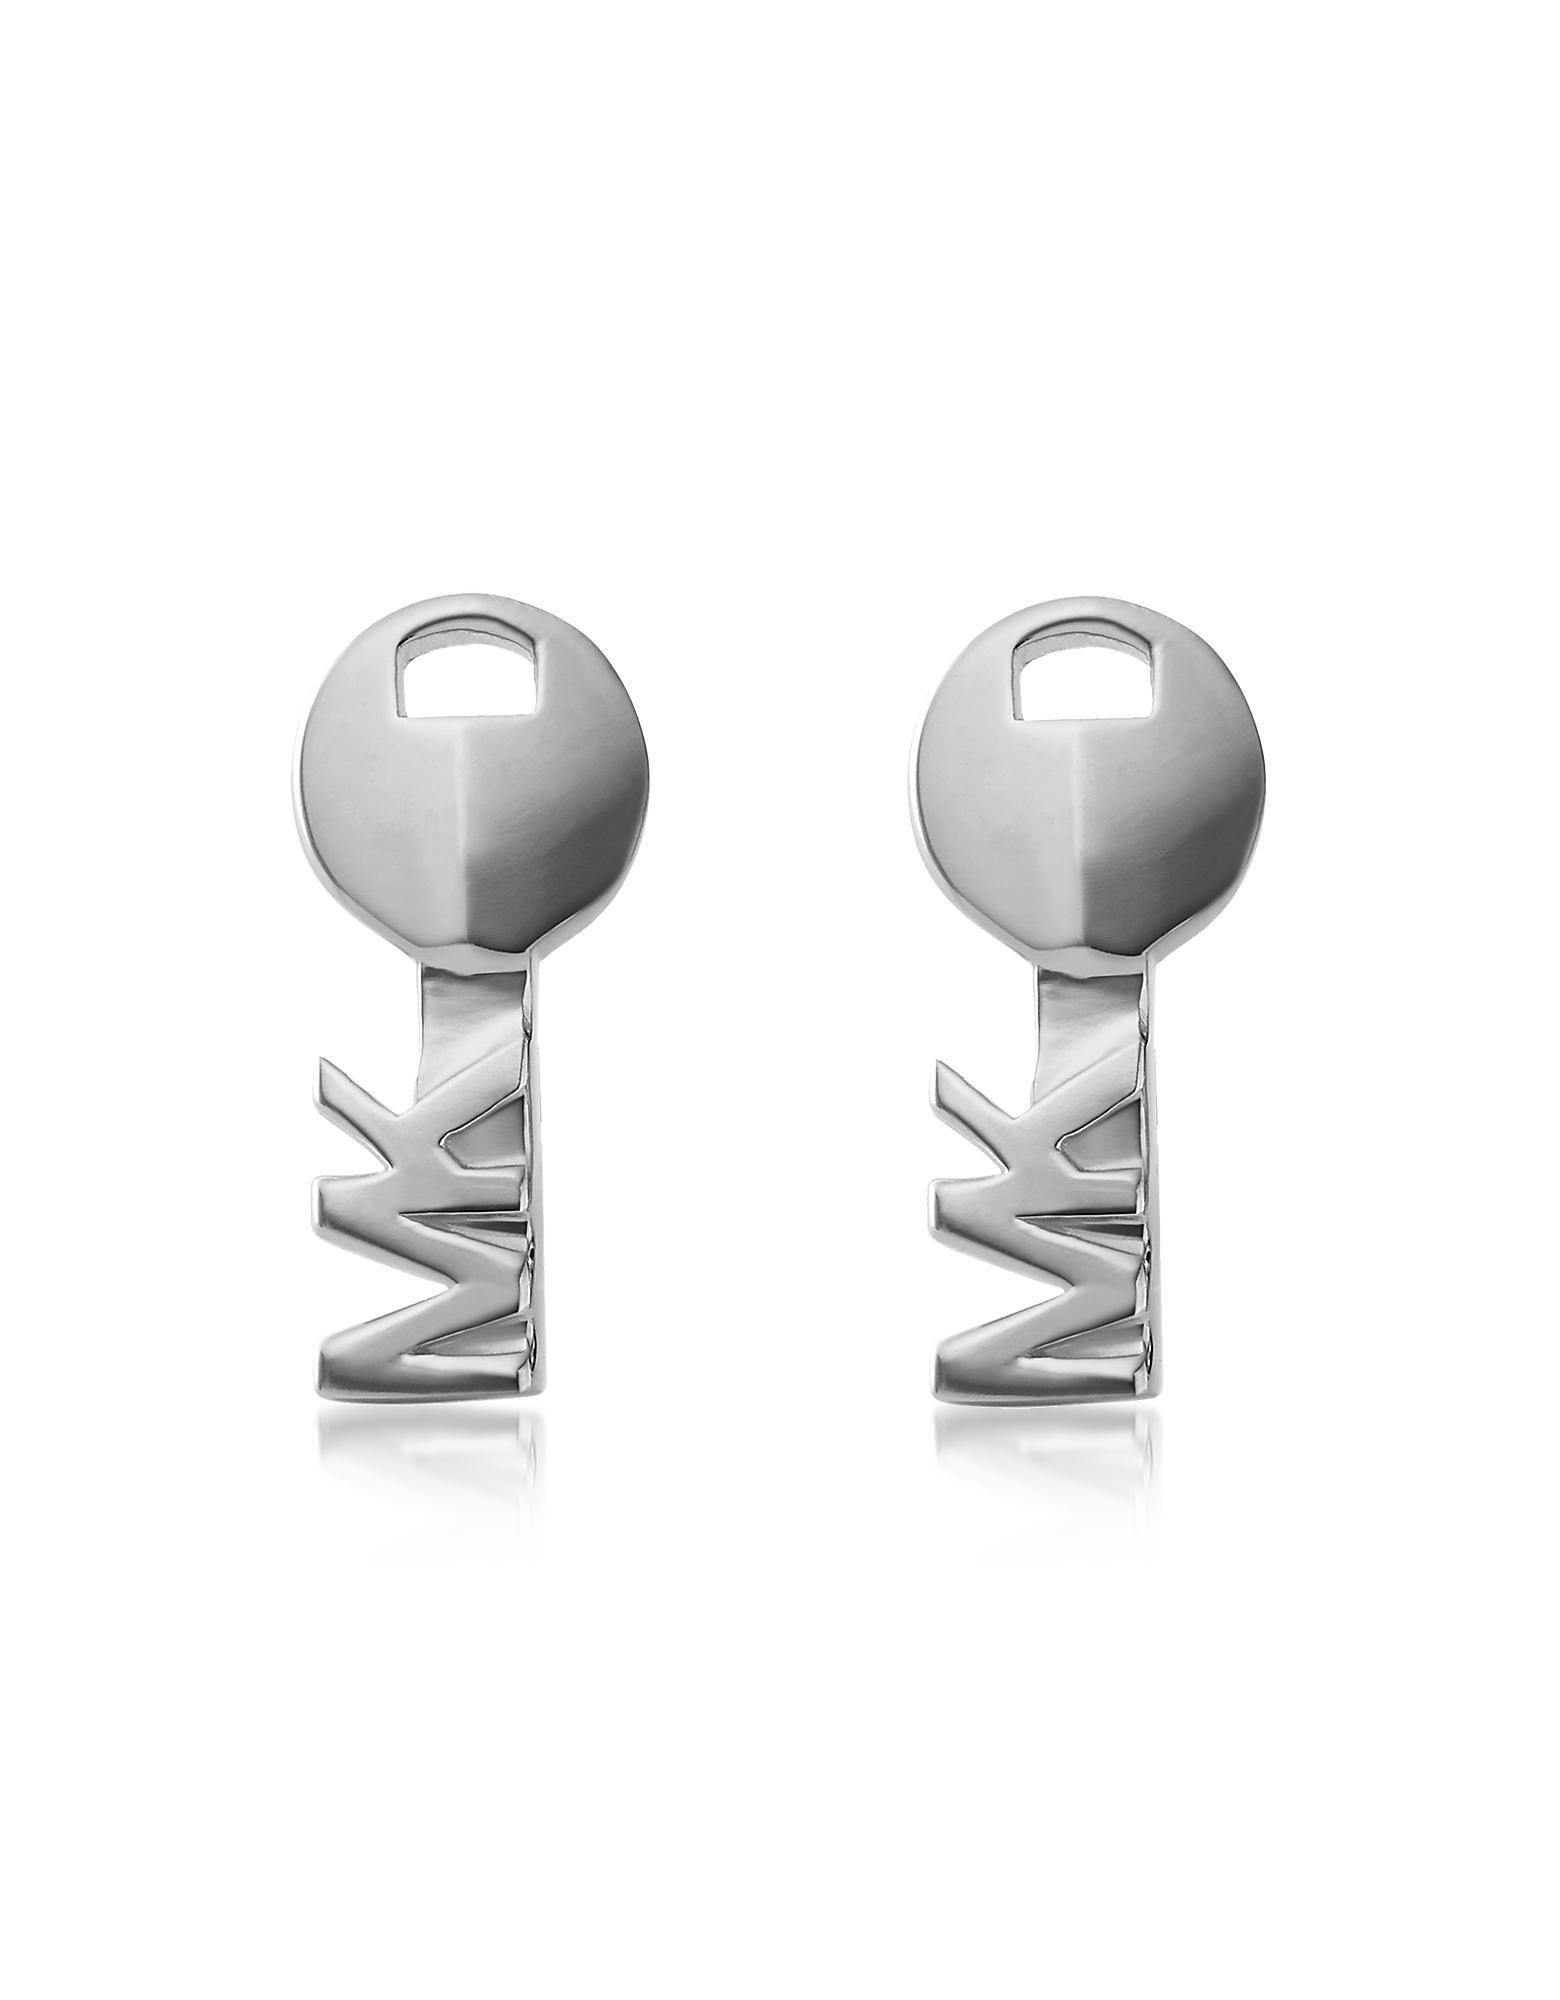 d4f9656a2 Lyst - Michael Kors Sterling Silver Key Stud Earrings in Metallic